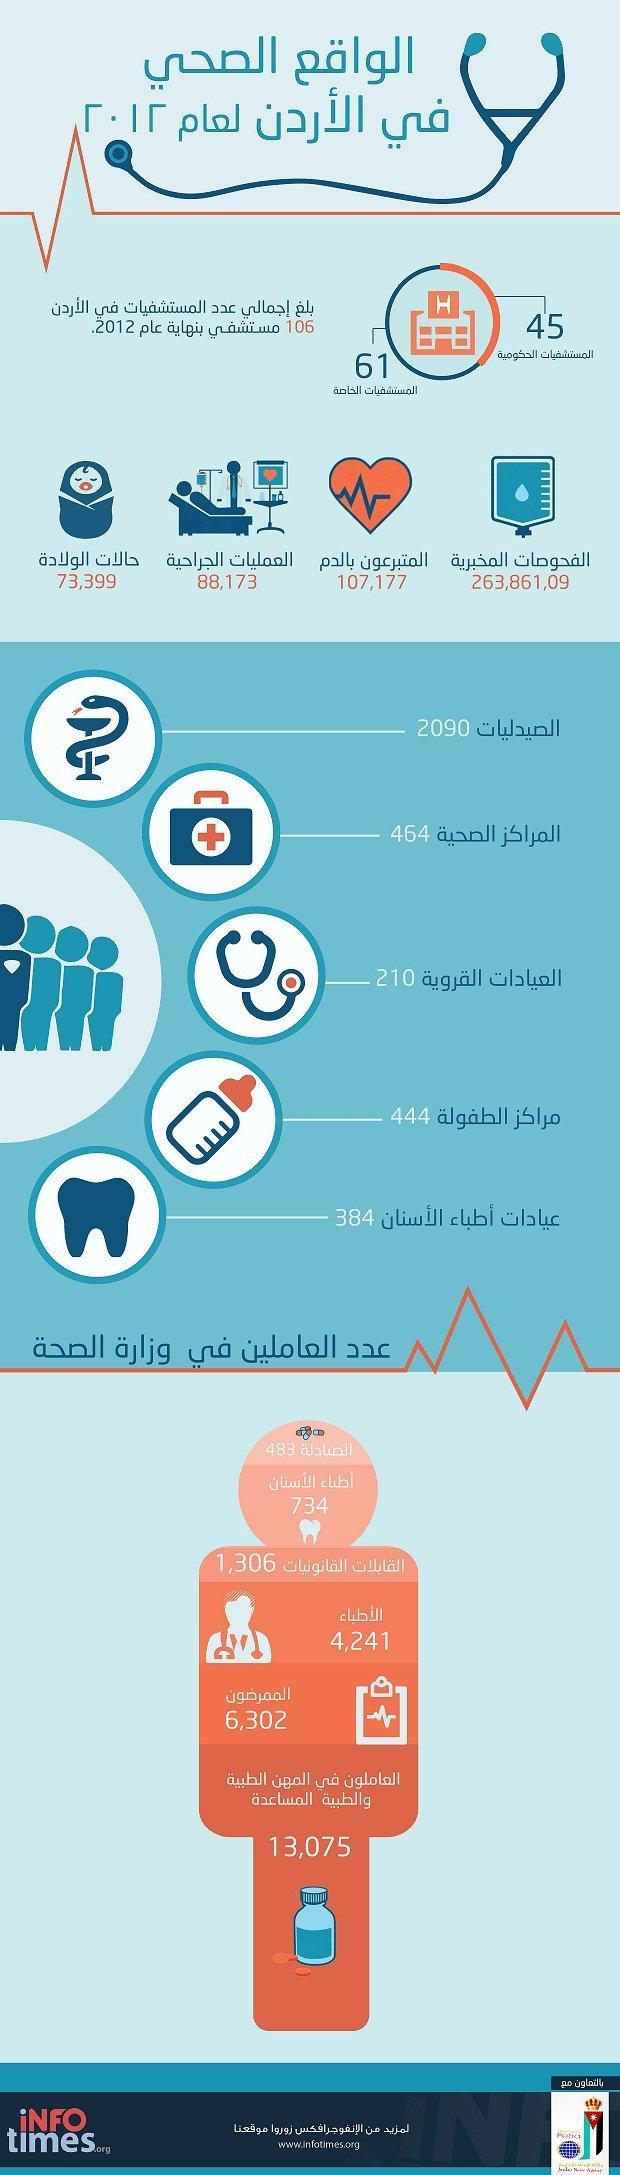 #jo #ا واقع المؤسسات الطبية في #الأردن